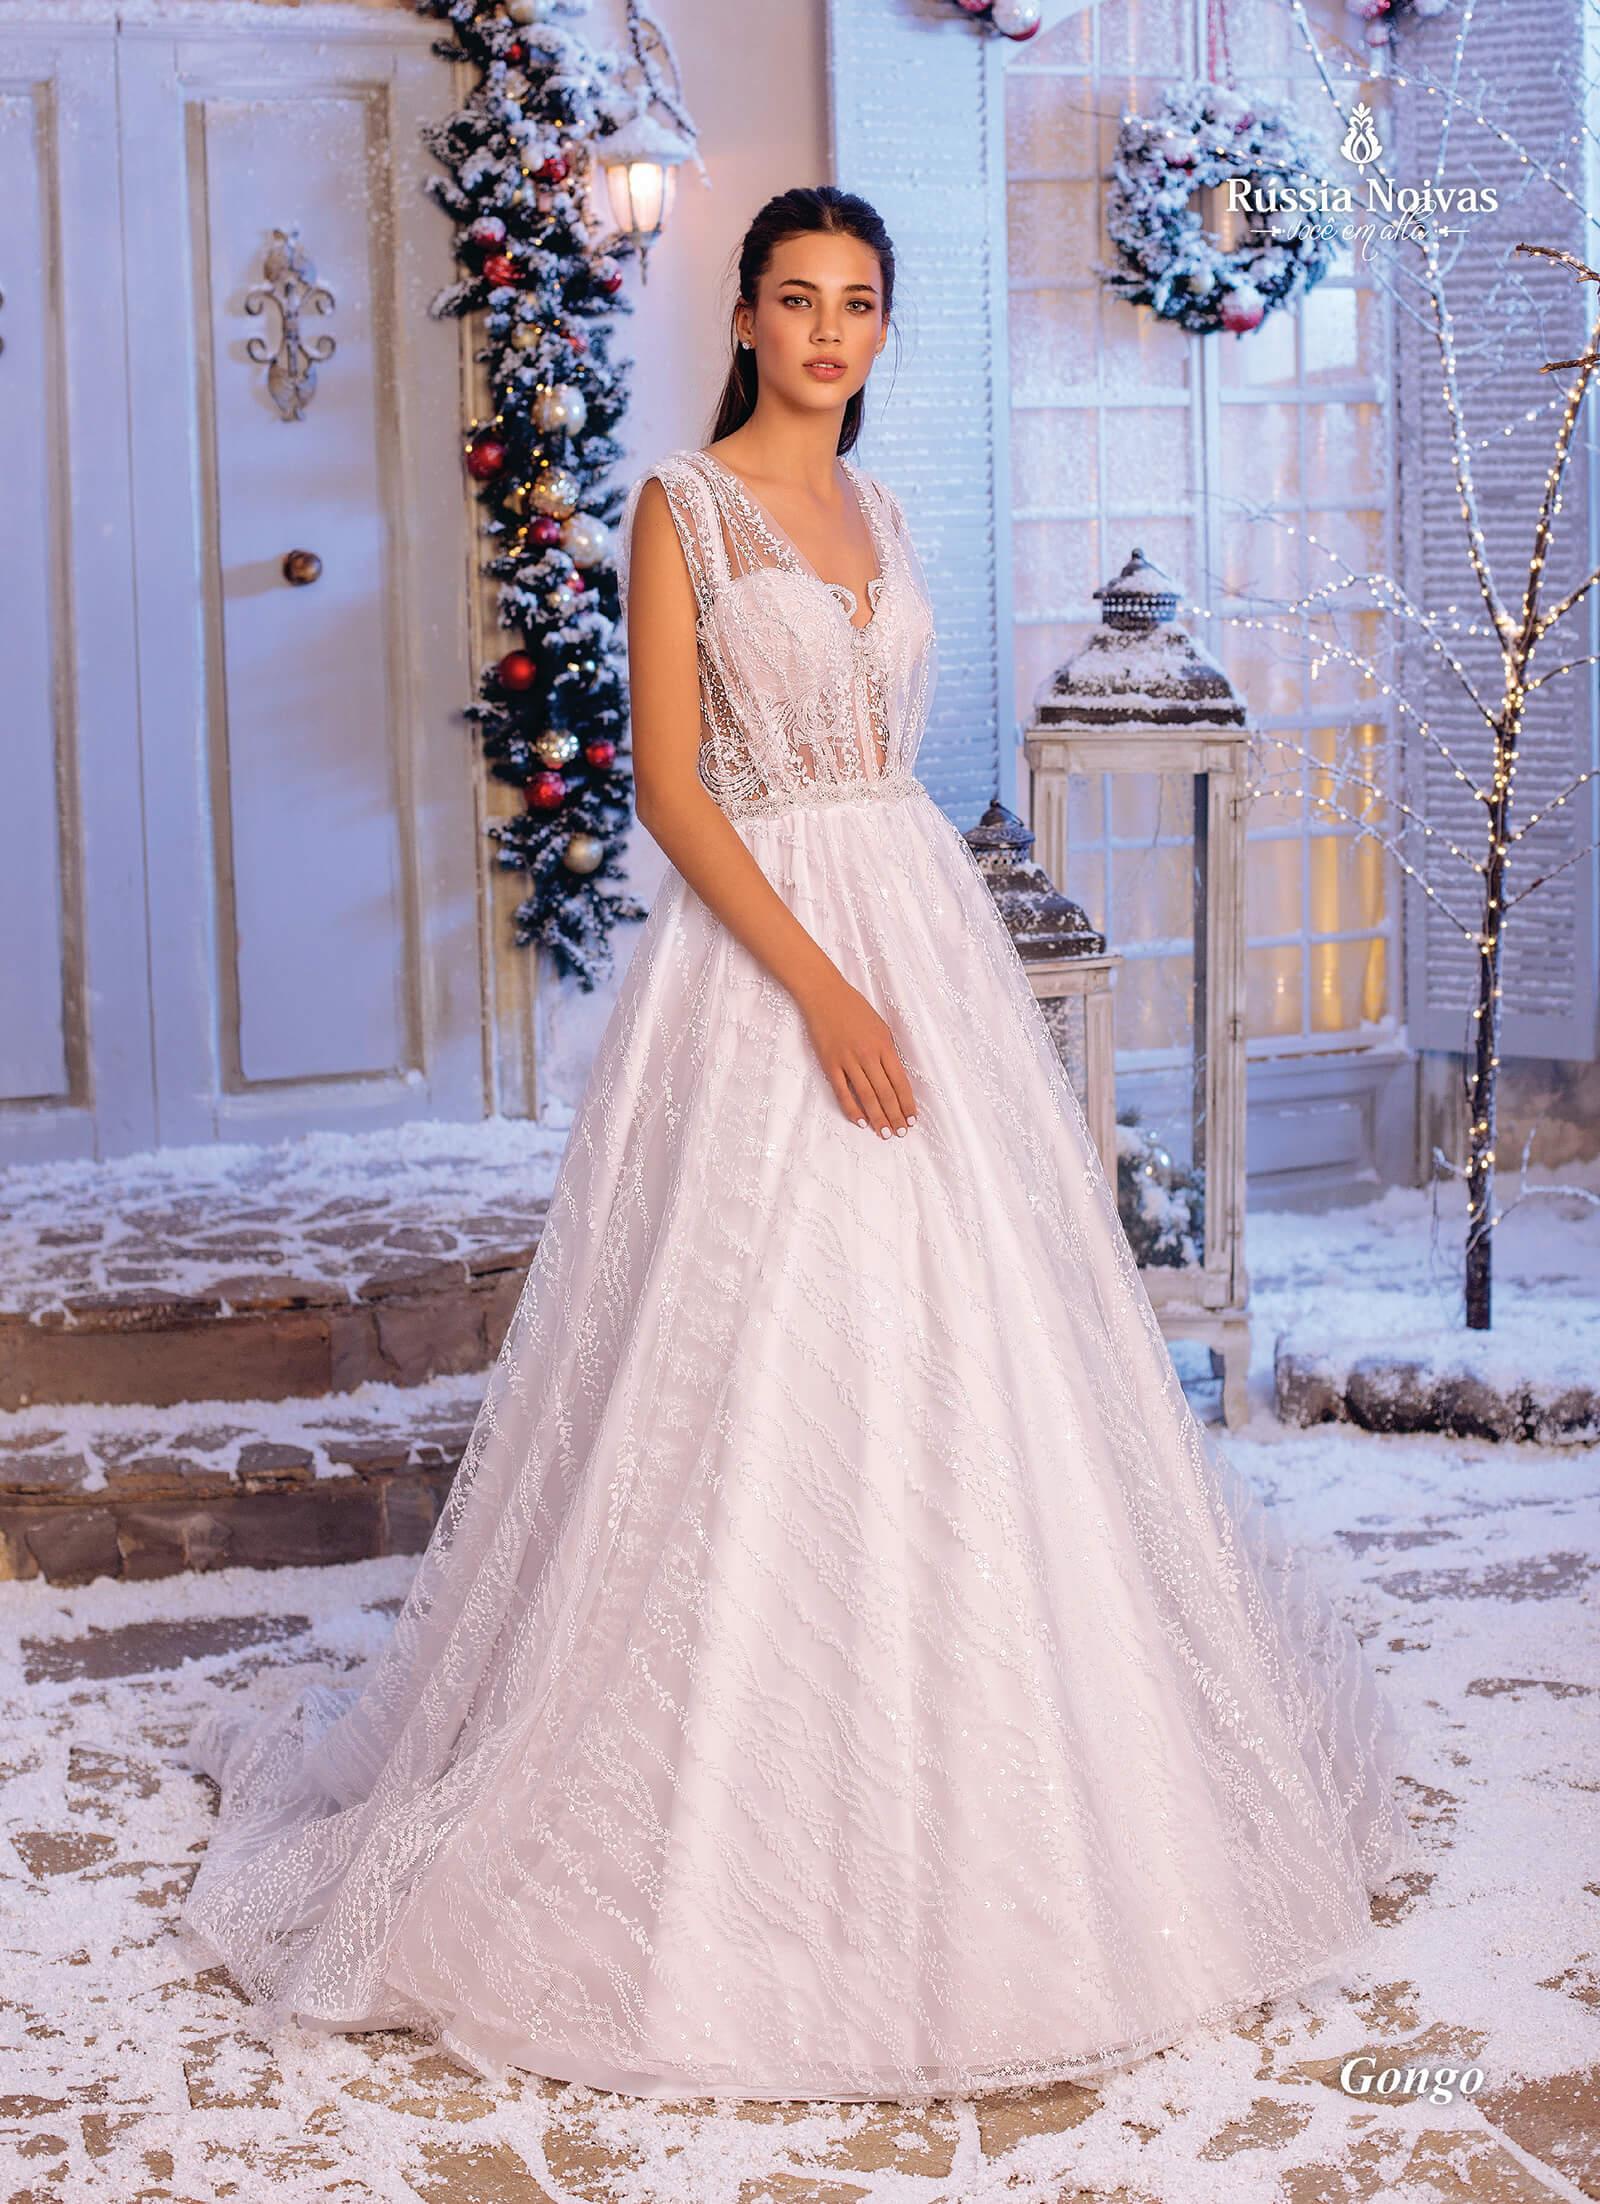 7 Tendências De Vestido De Noiva 2020